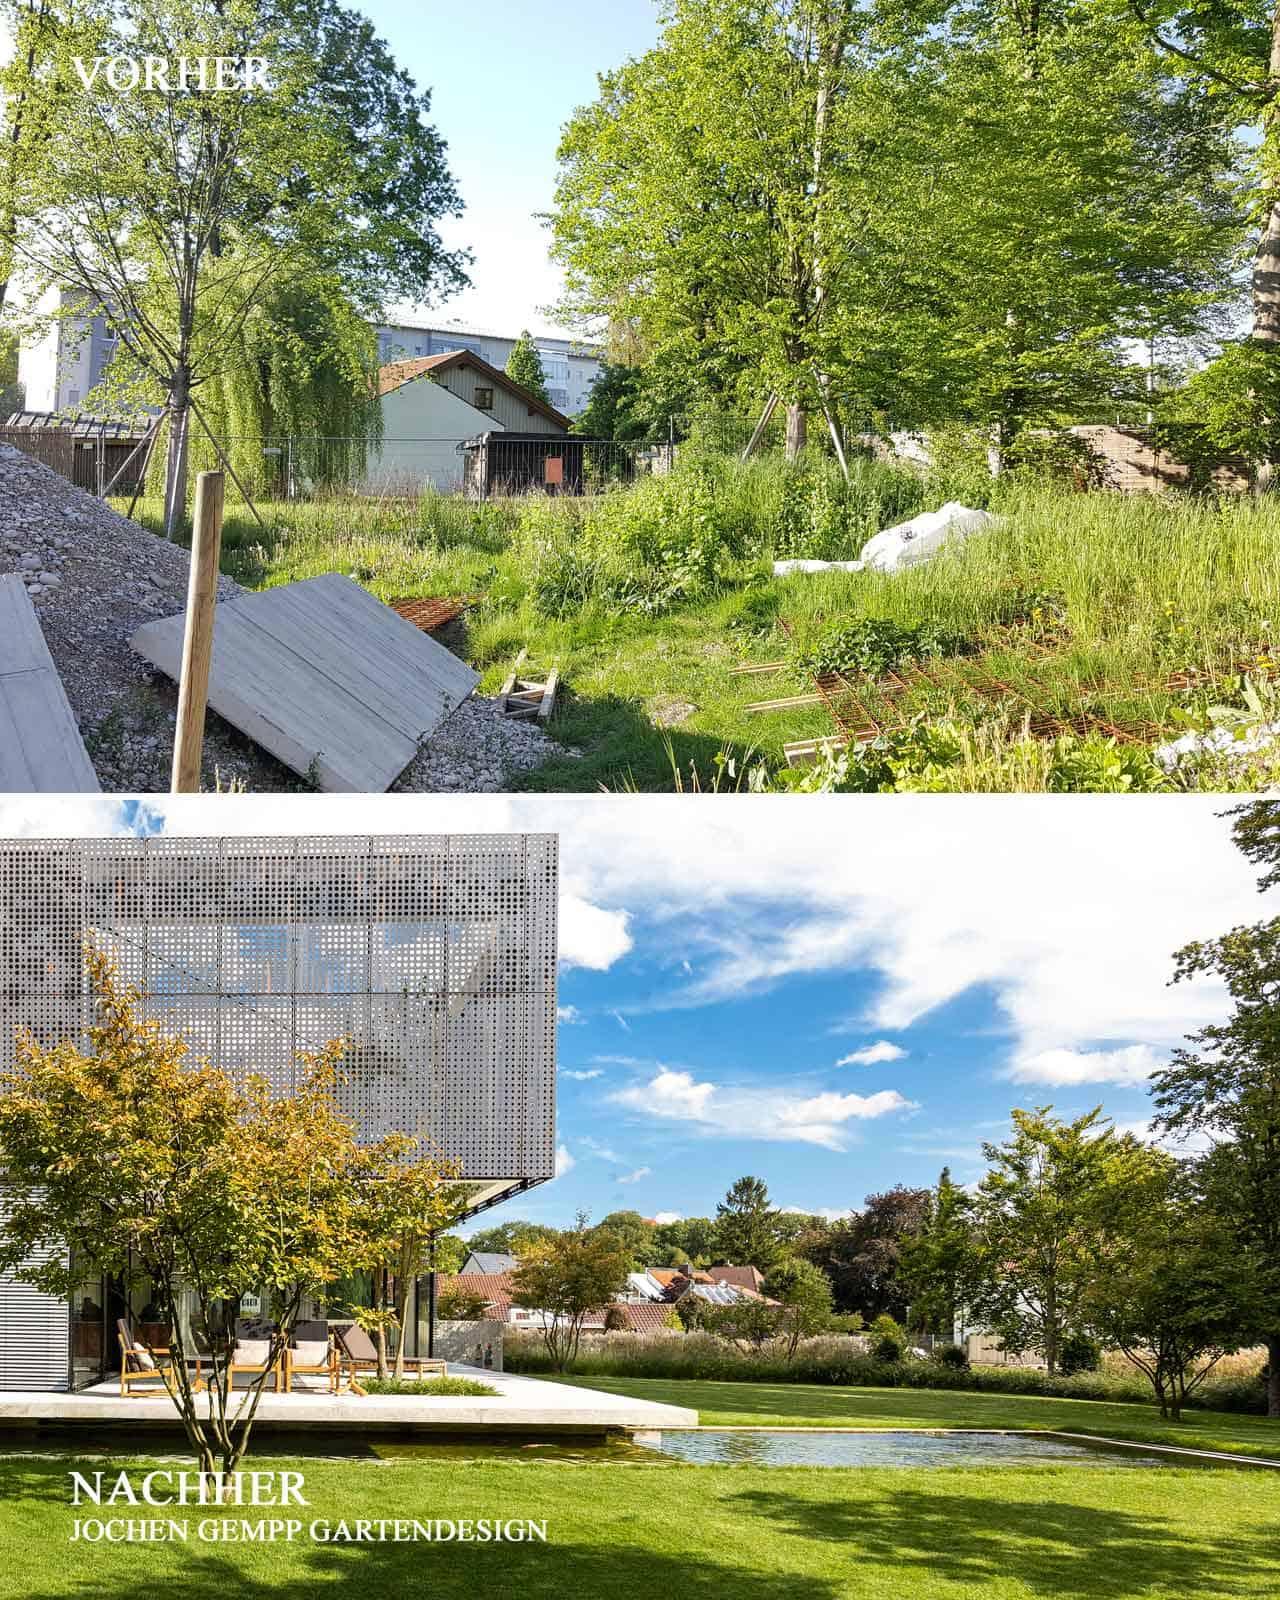 Gartendesign Gartengestaltung Landschaftsarchitektur Nordrhein Westfalen